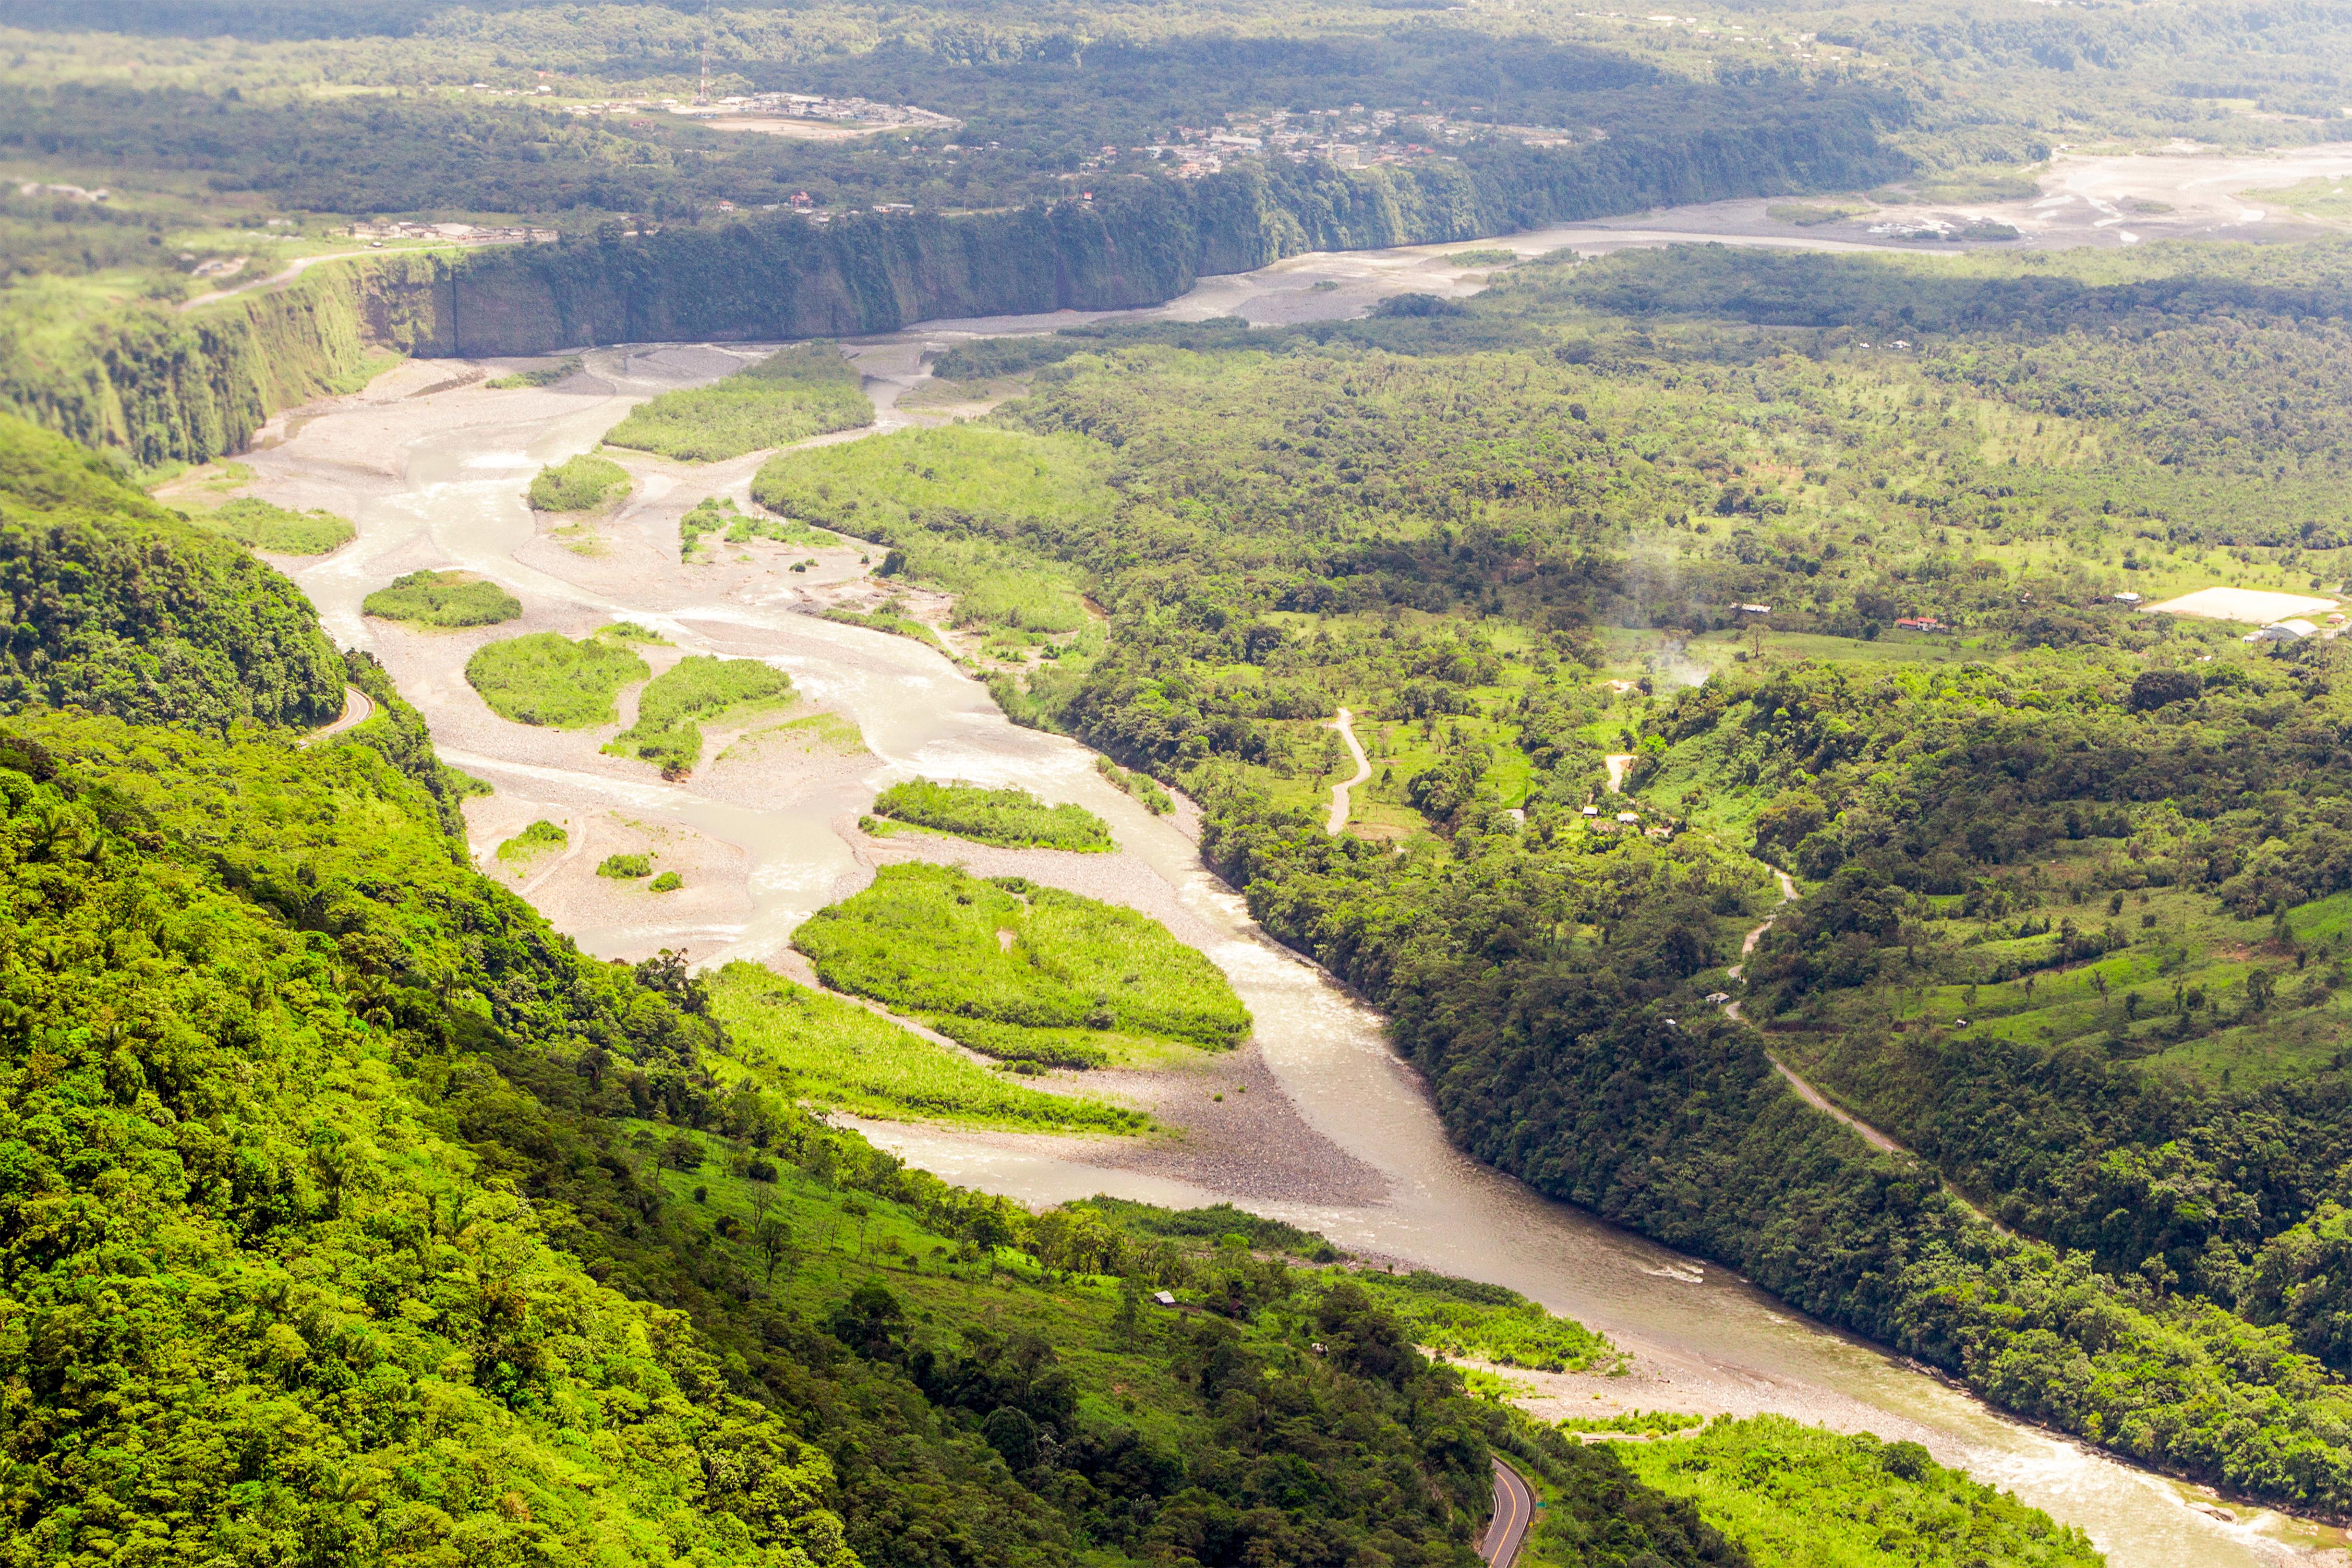 Pastaza River Basin in the Amazon